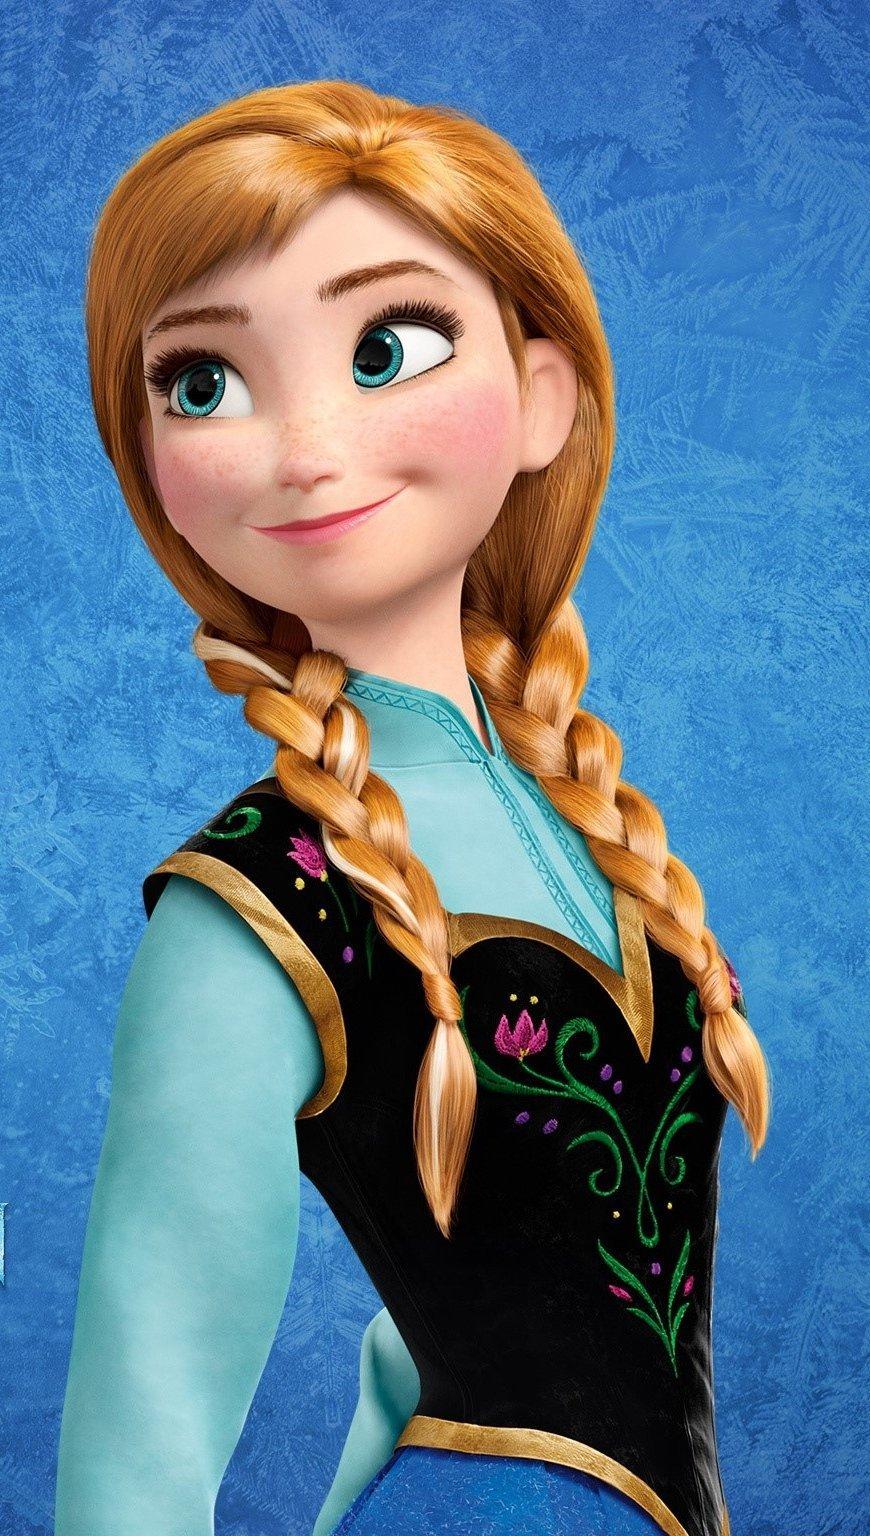 Fondos de pantalla Princesa Anna en Frozen Vertical